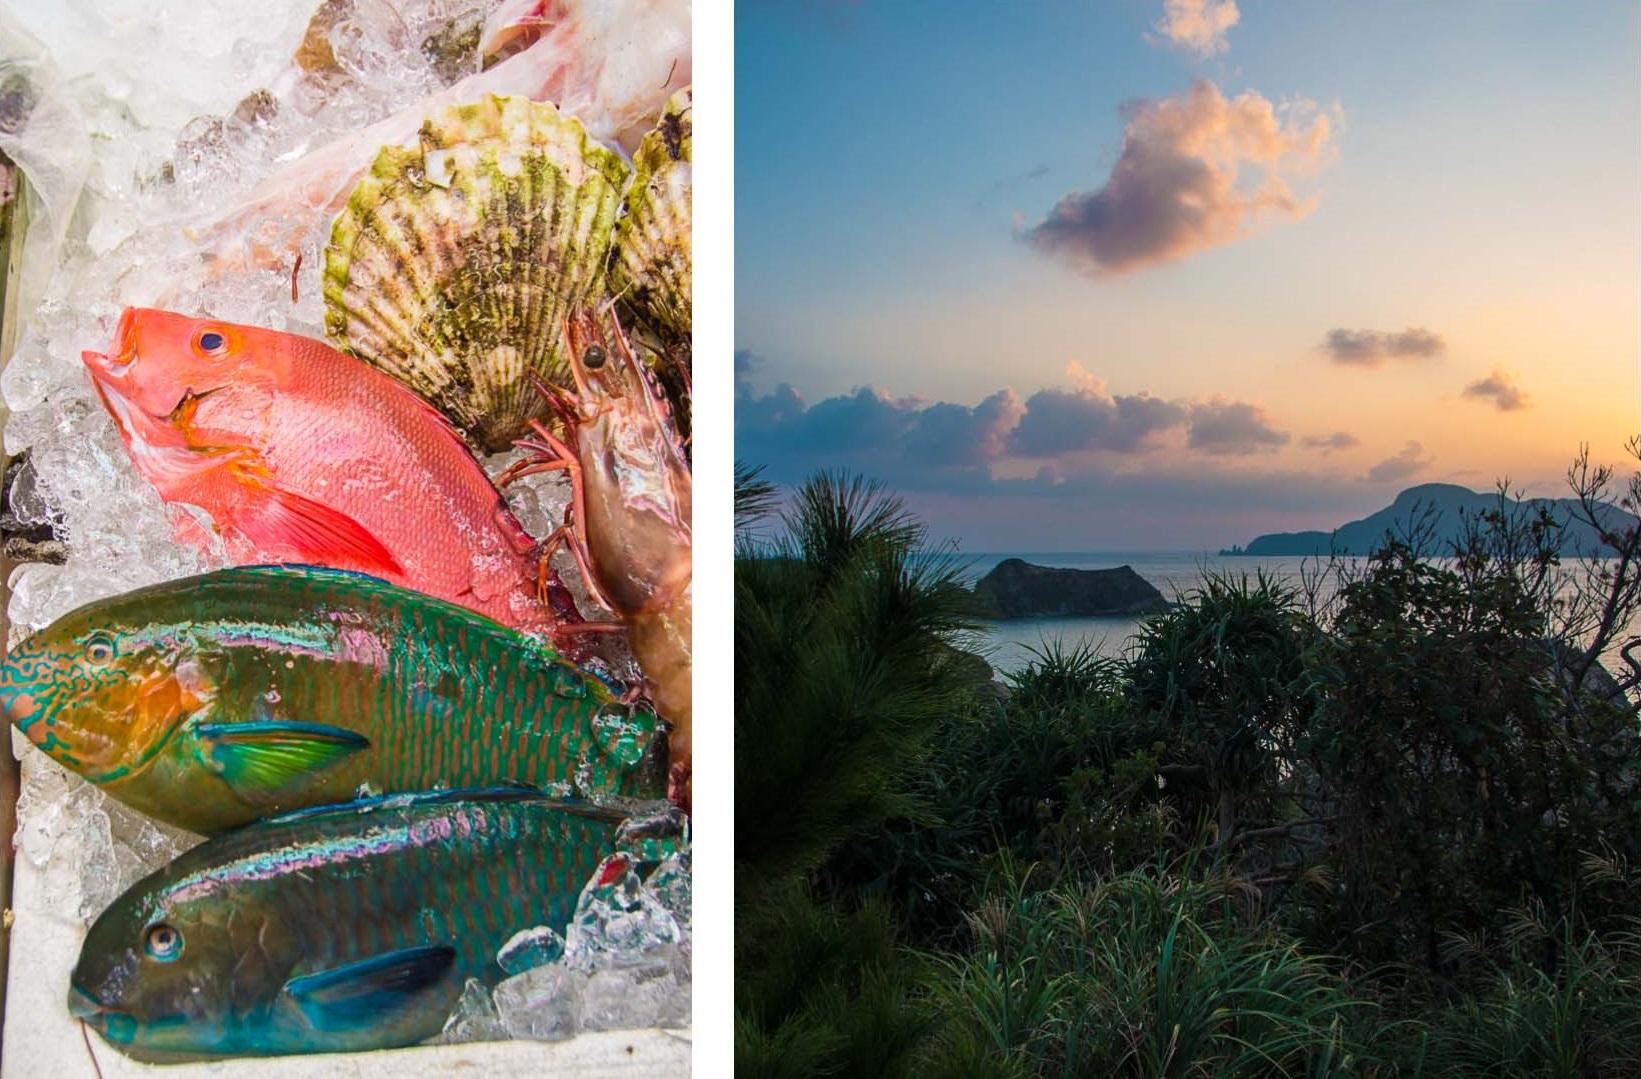 Auf nach Okinawa! türkisfarbener Pazifik, Fischmärkte und wo Hirsche nachts an weißen Sandstränden spazieren gehen